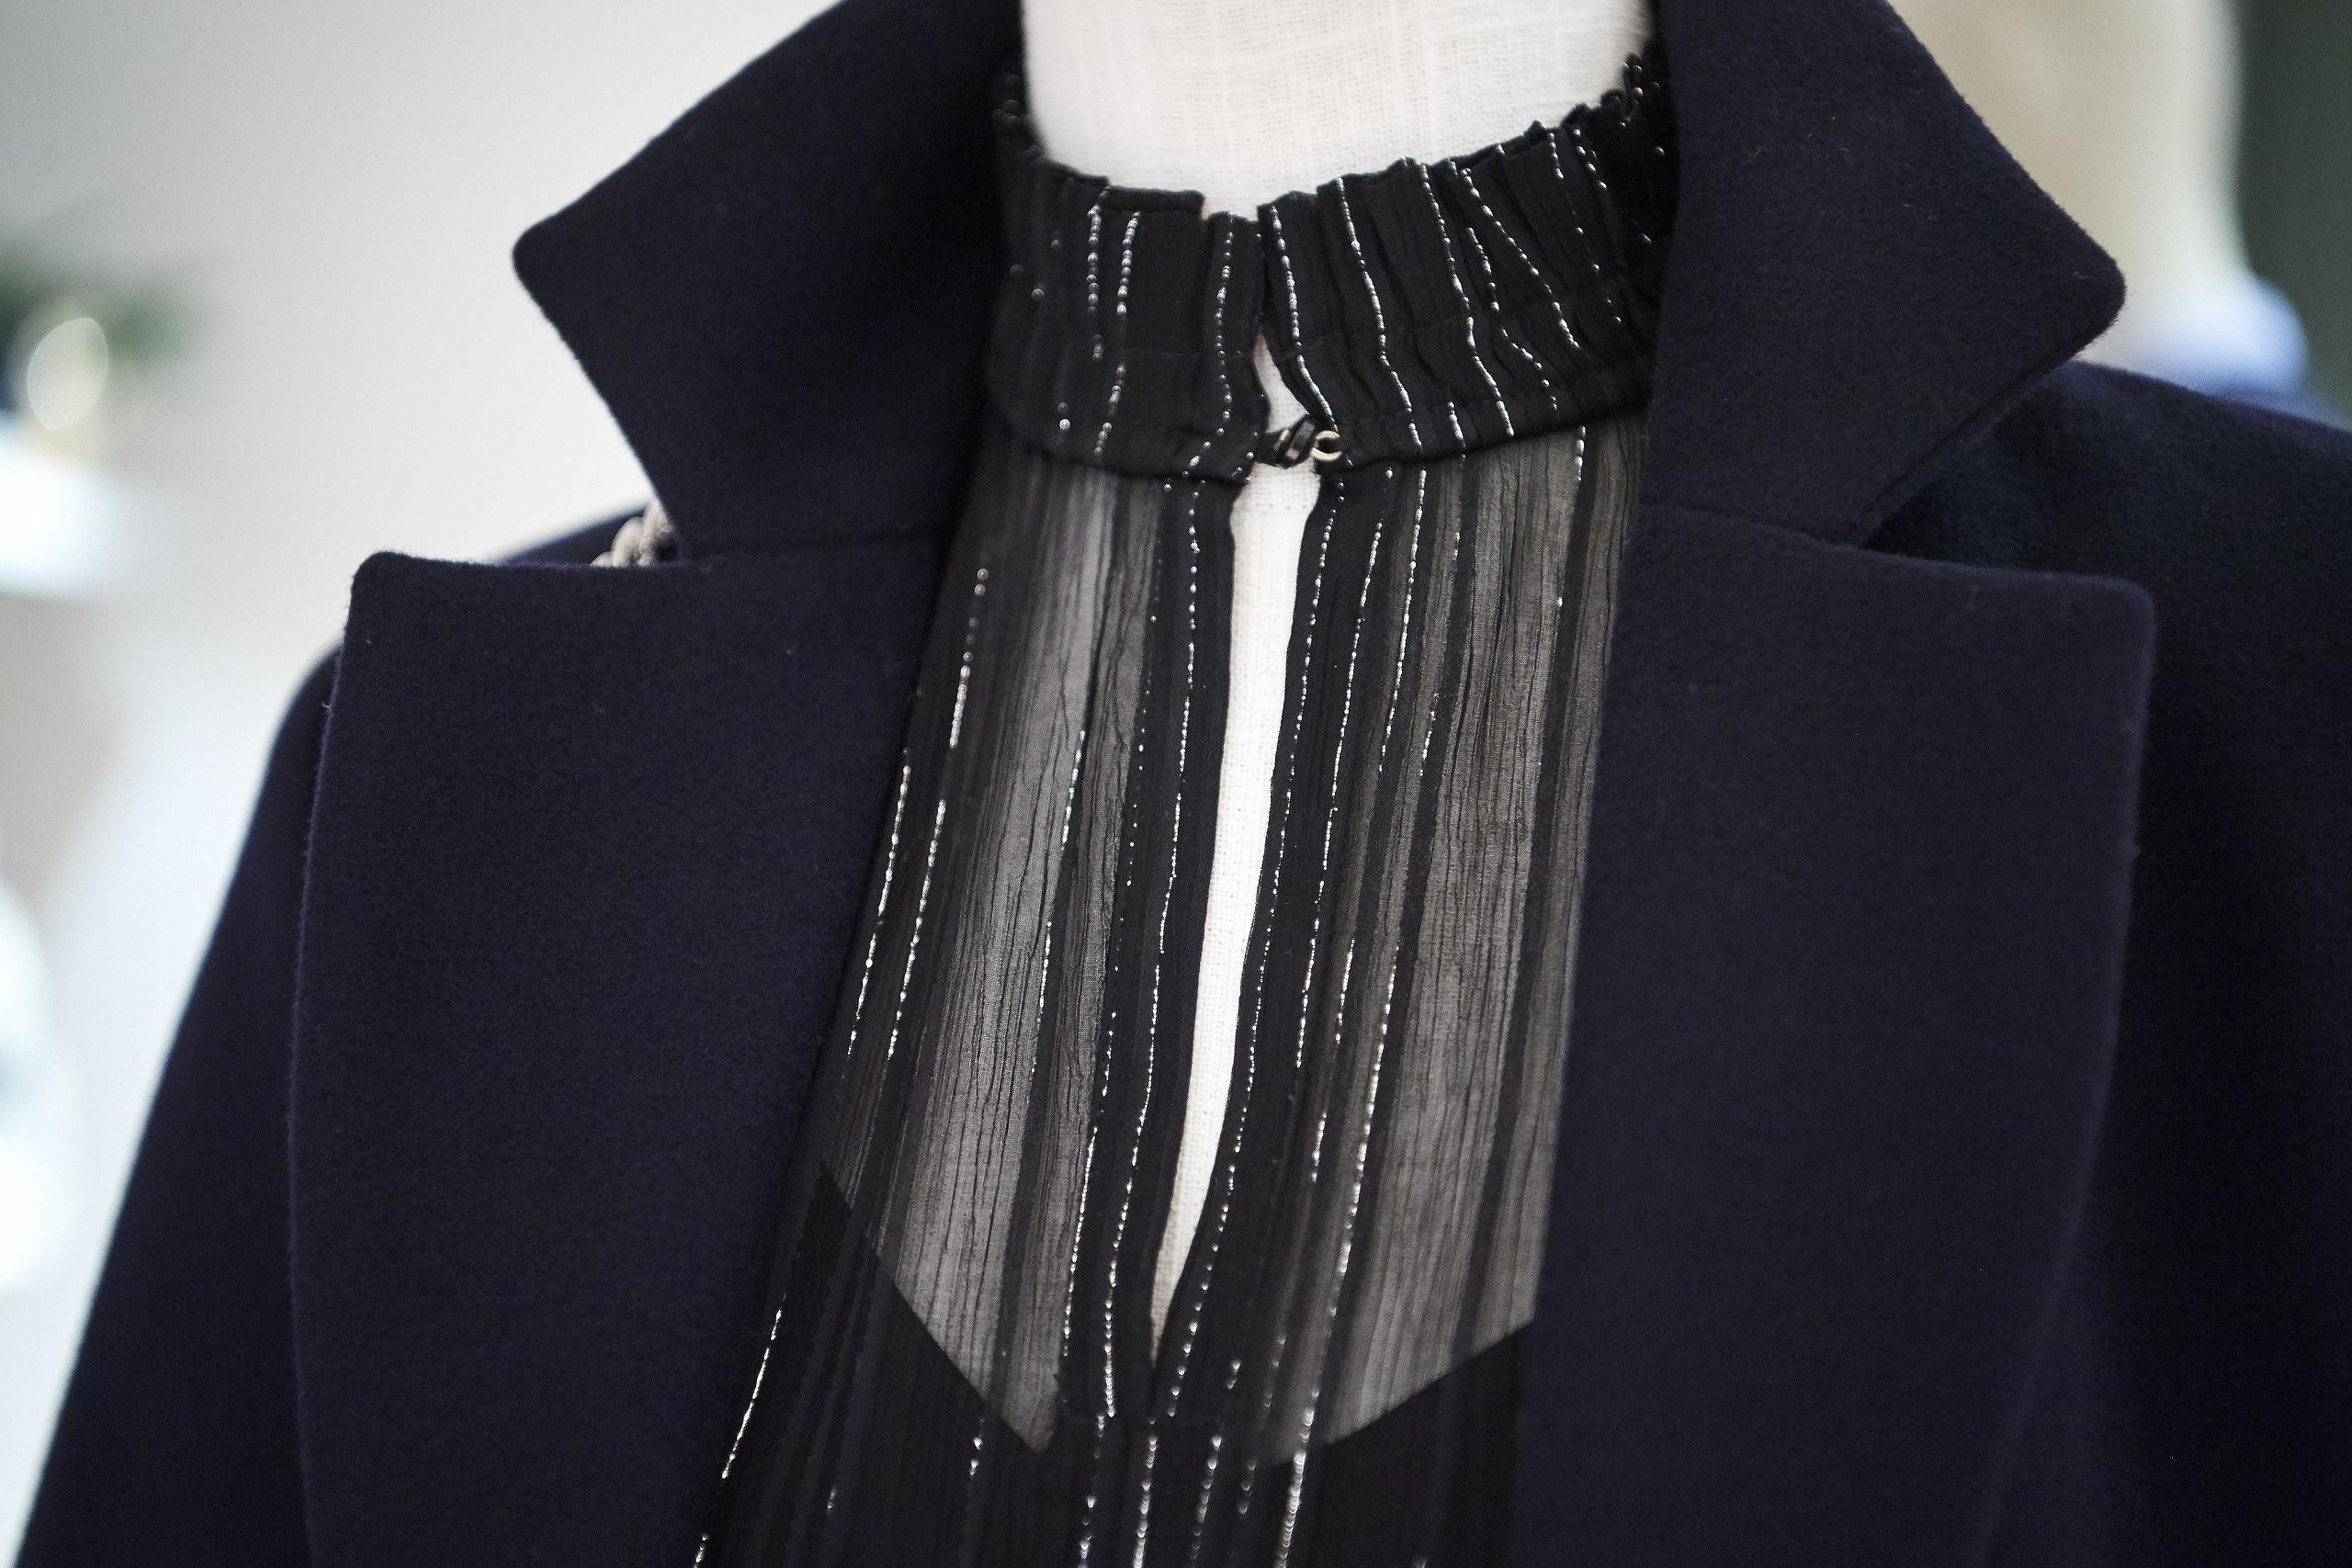 Kjolen er høj i halsen, og den kan dresses op og ned blandt andet ved at fjerne bæltet. Tøj skal ikke bare hænge i skabet til festlige lejligheder, og en kjole som denne kan for eksempel få et mere hverdagsagtigt præg, hvis man sætter for eksempel et par stramme skinbukser og et par rå støvler til, siger Line Gundersen. Foto: Laura Guldhammer